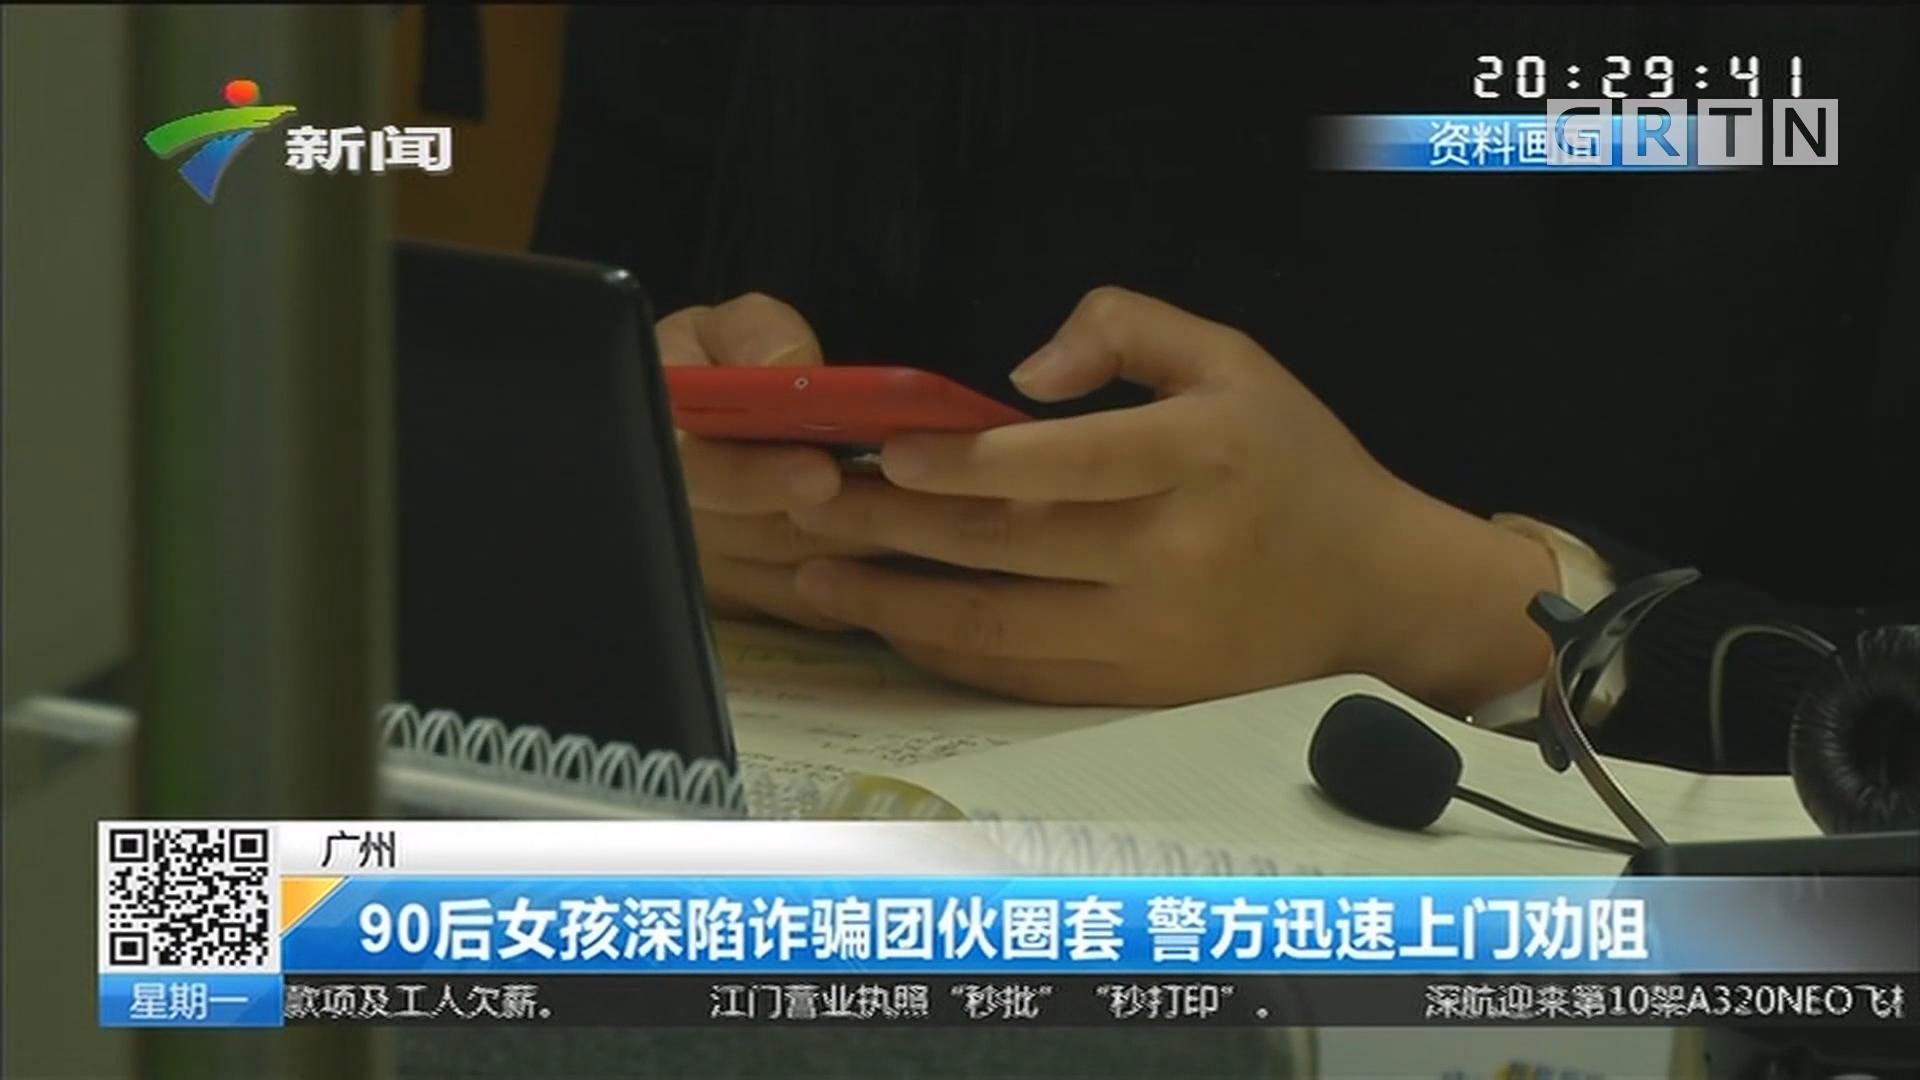 广州 90后女孩深陷诈骗团伙圈套 警方迅速上门劝阻